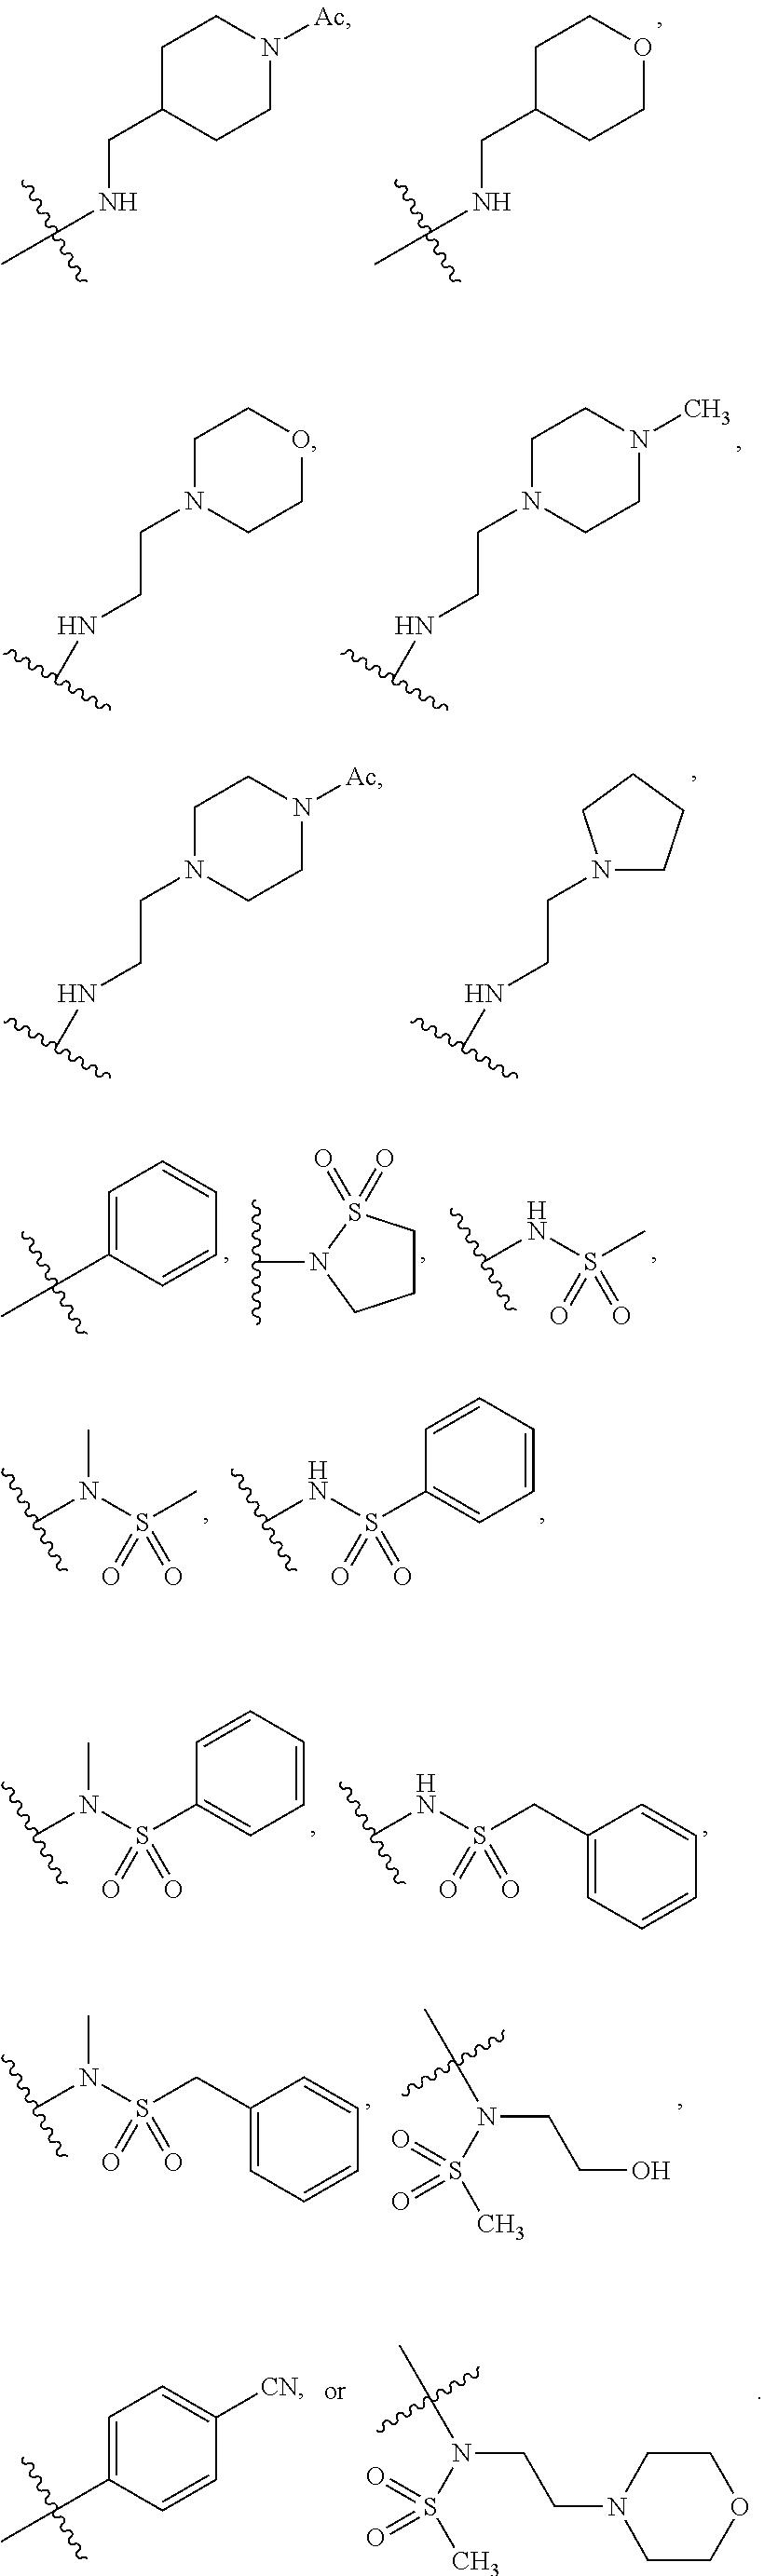 Figure US08940742-20150127-C00271